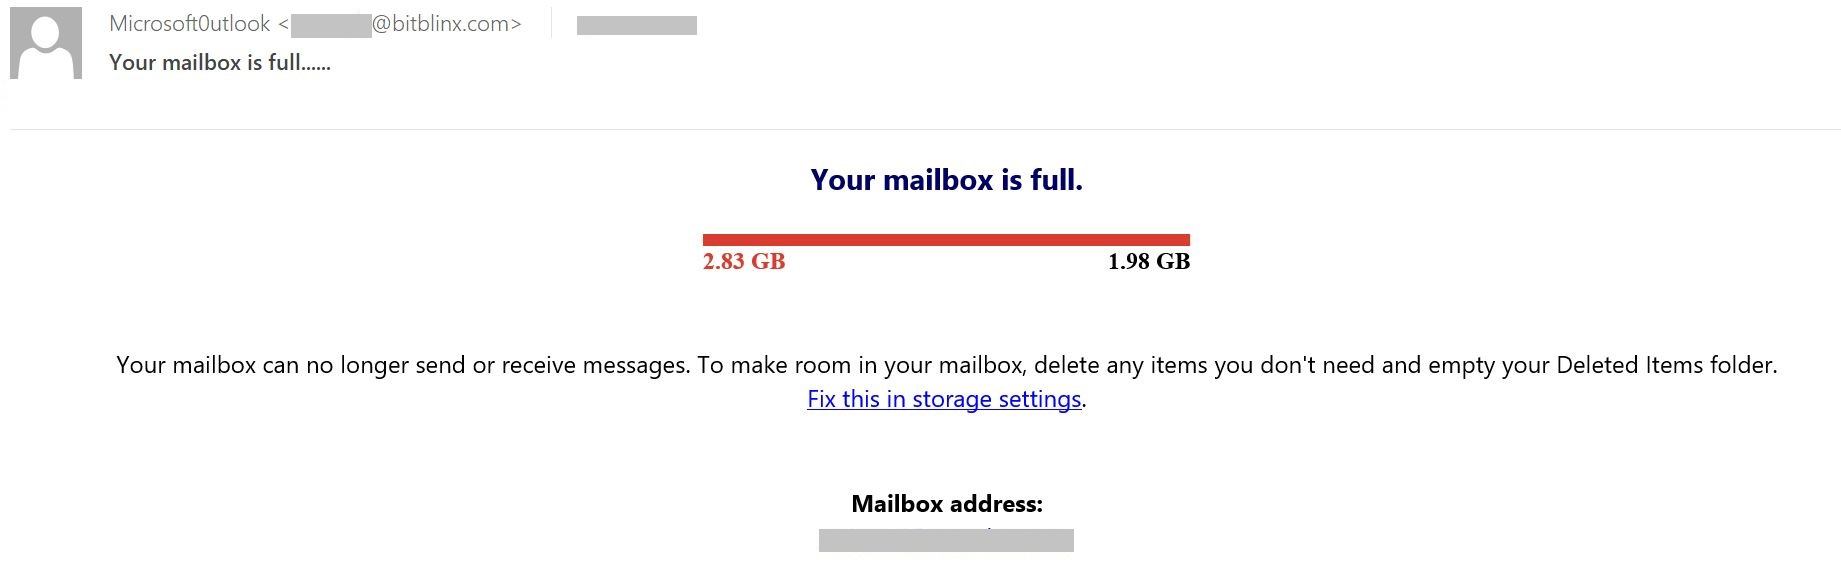 メールボックスがいっぱいであるという通知に見せかけた典型的なフィッシングメール